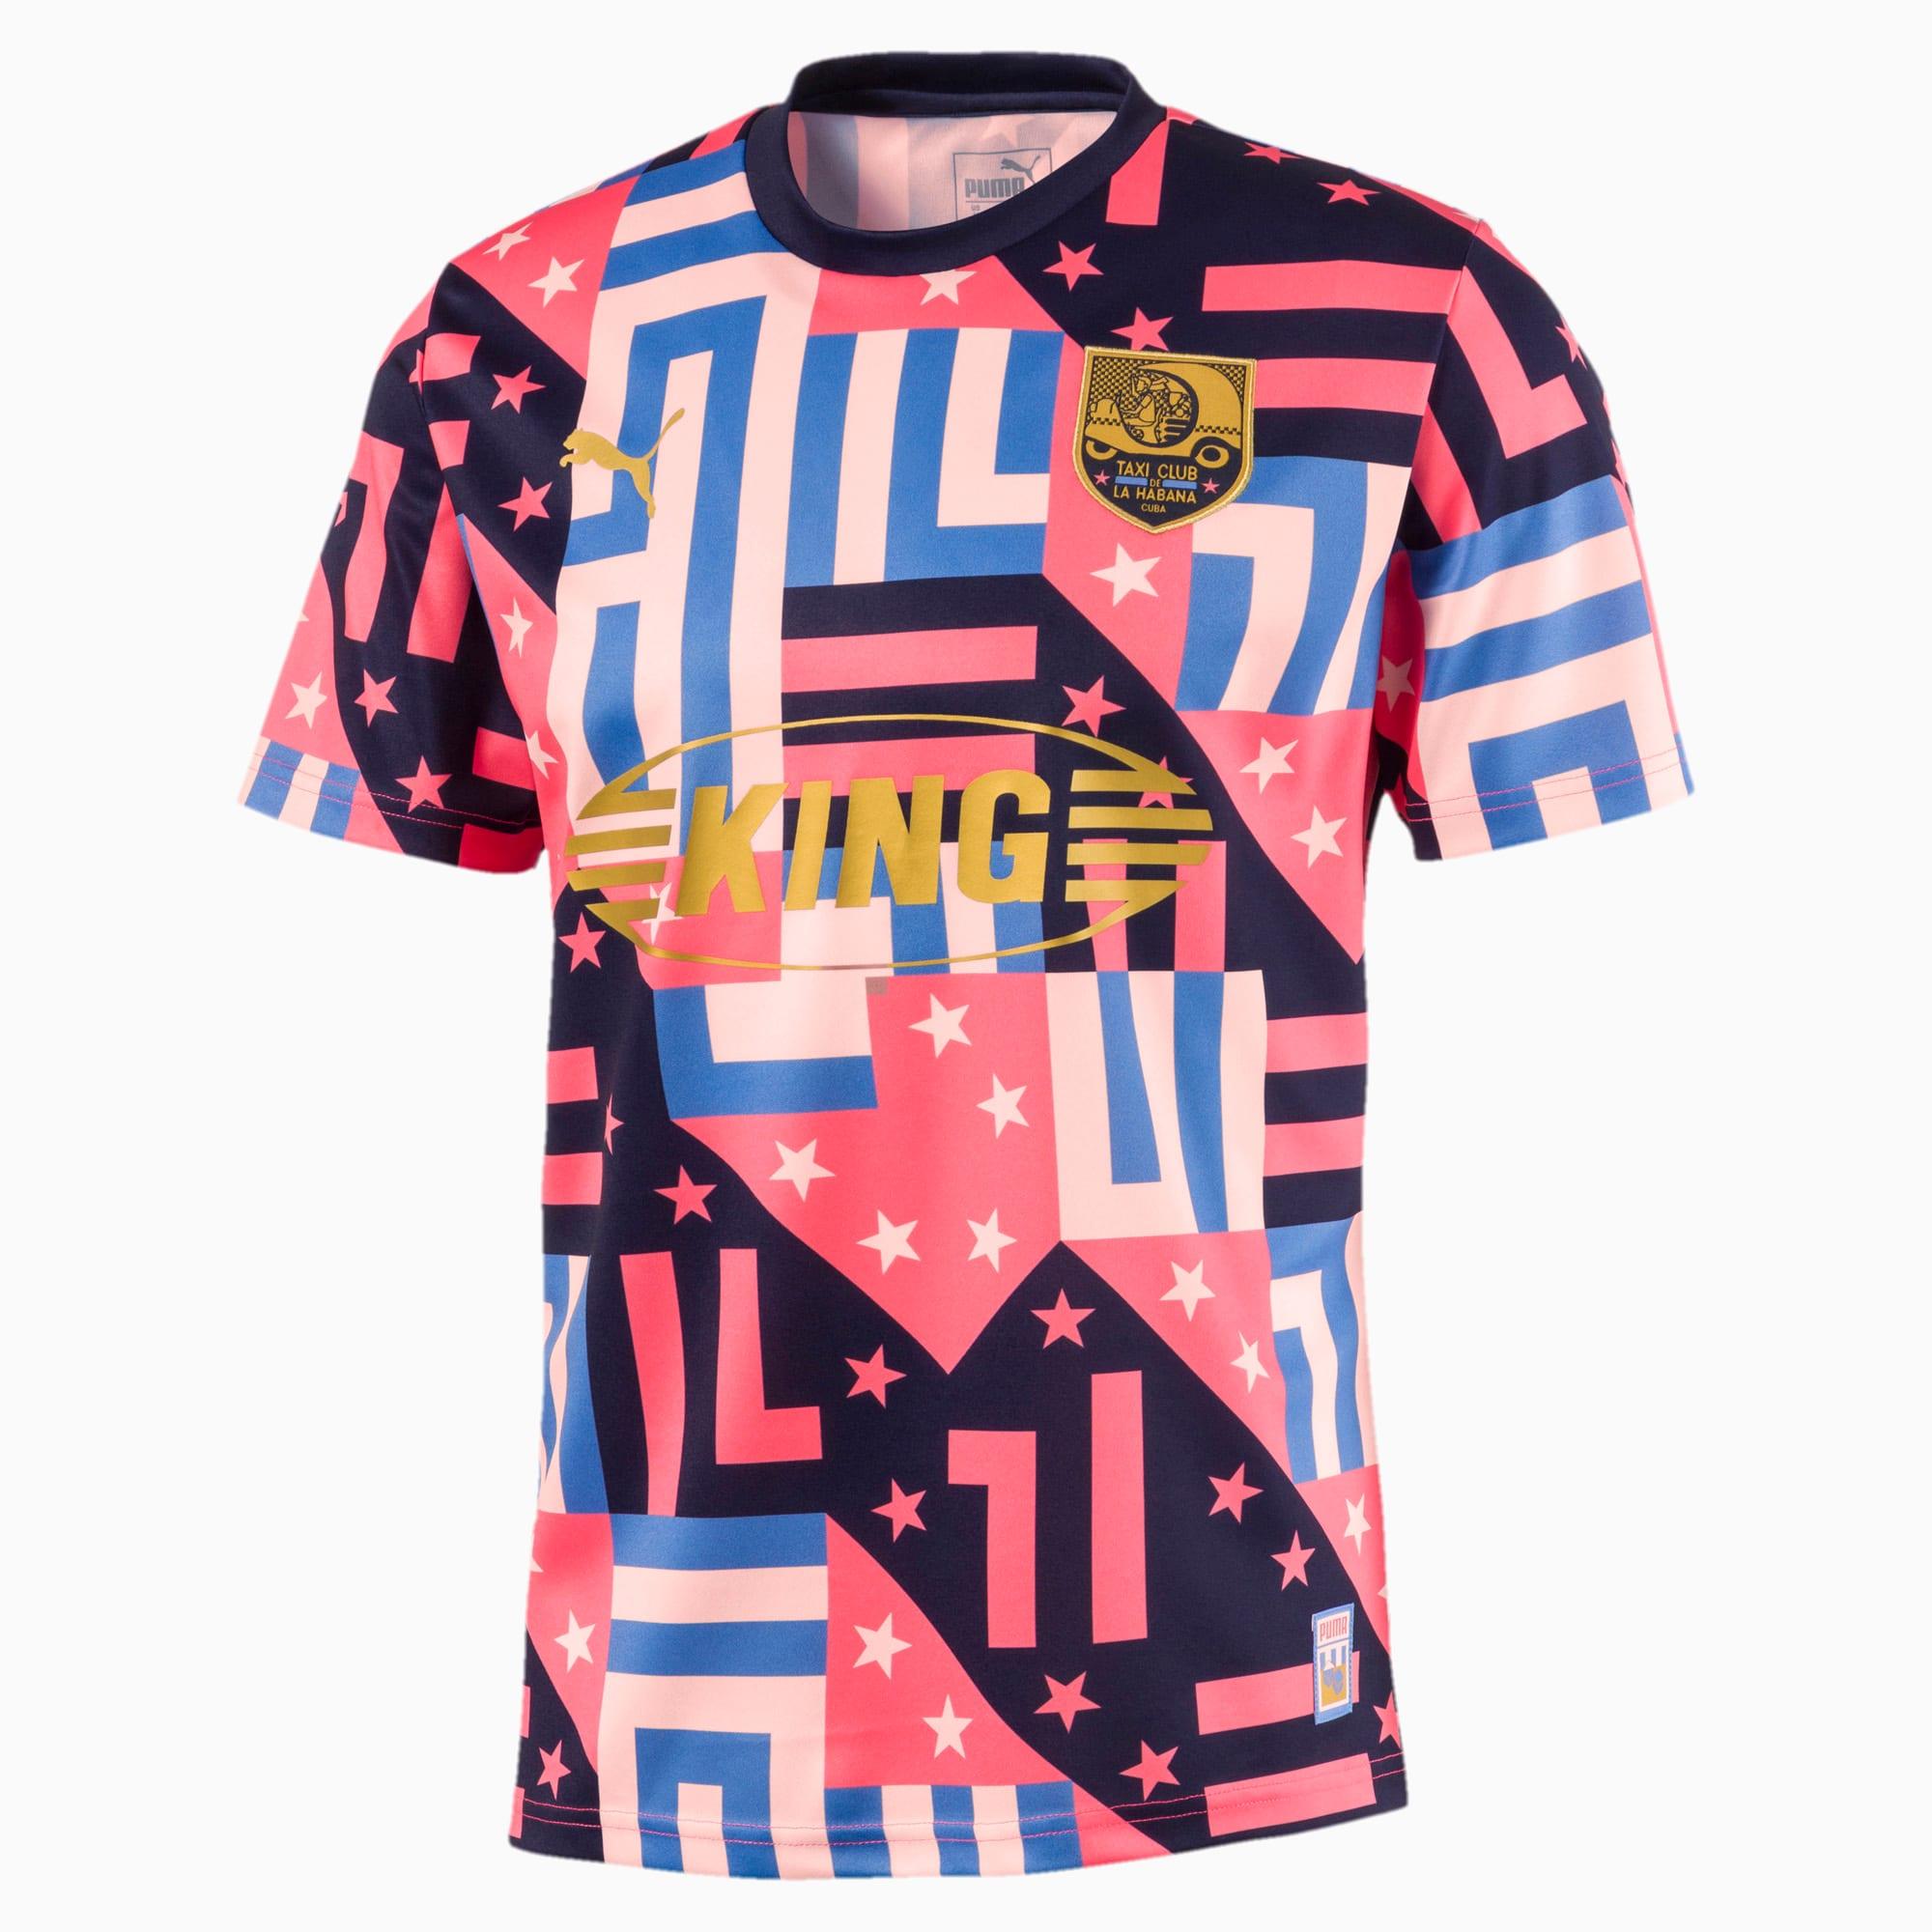 Colecionador diz ter 8 mil camisas de times de futebol